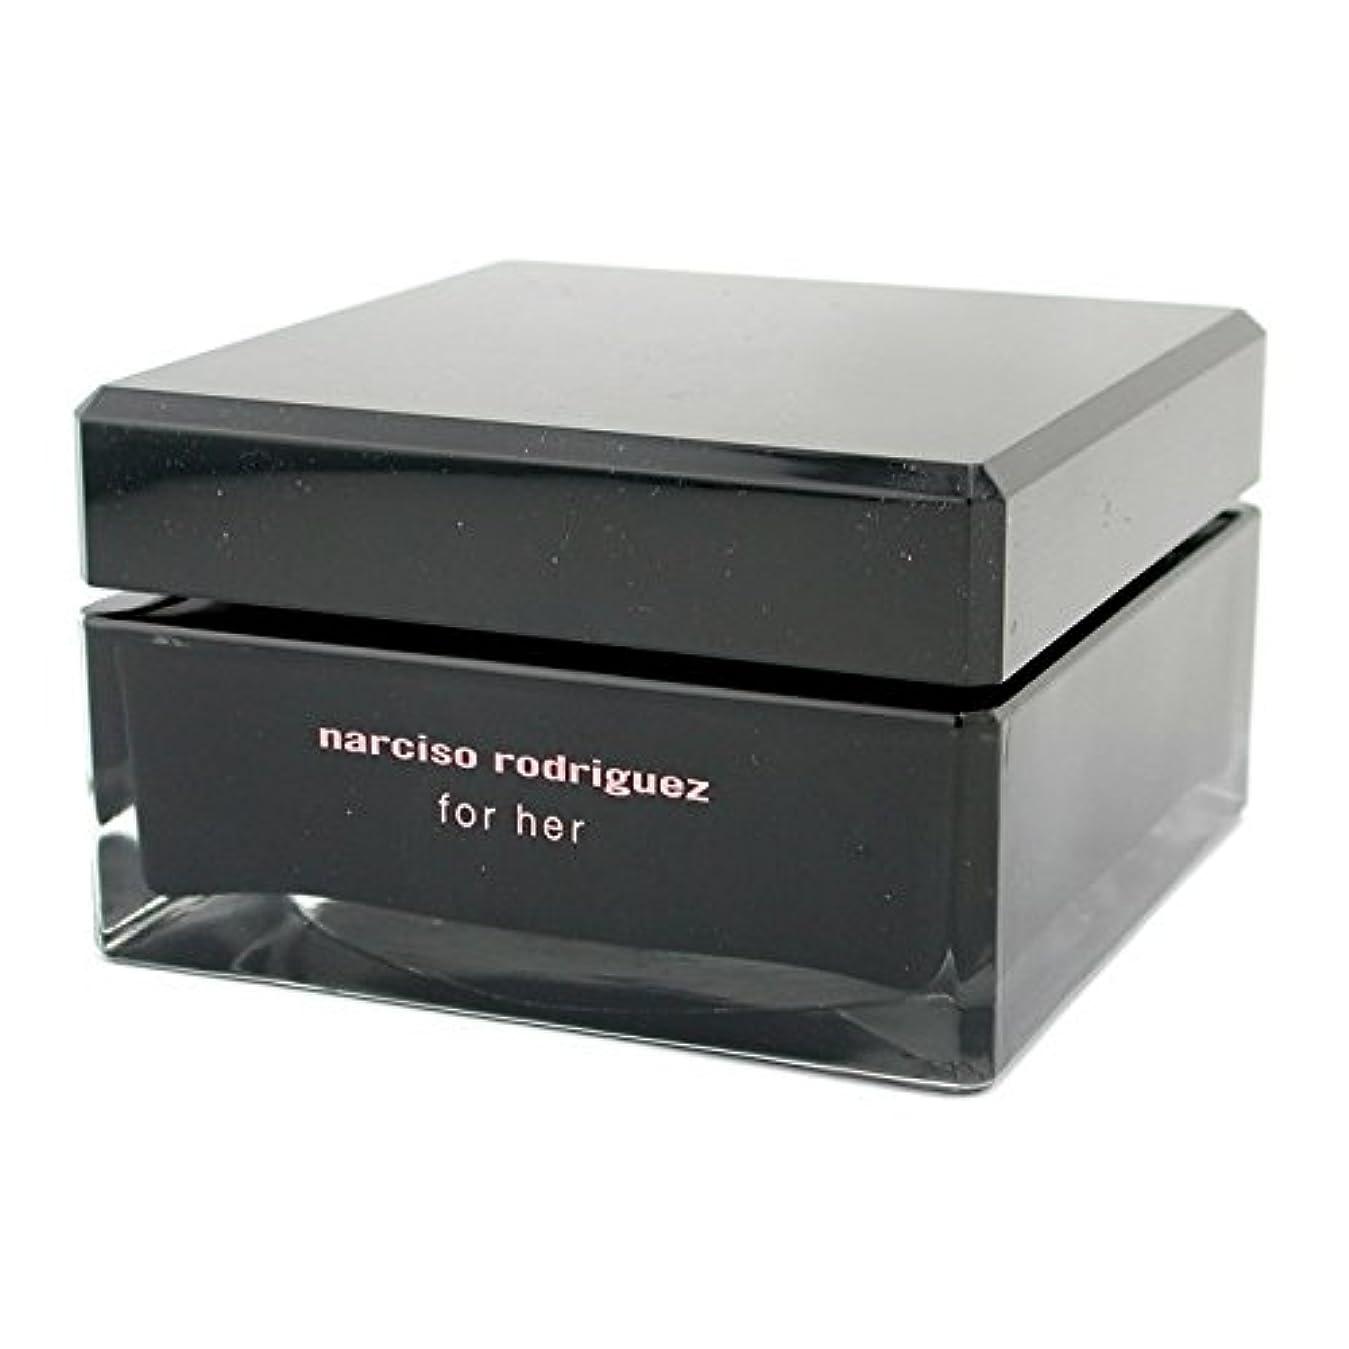 フローロバトロピカルナルシソロドリゲス フォーハー ボディクリーム 150ml/5.2oz並行輸入品